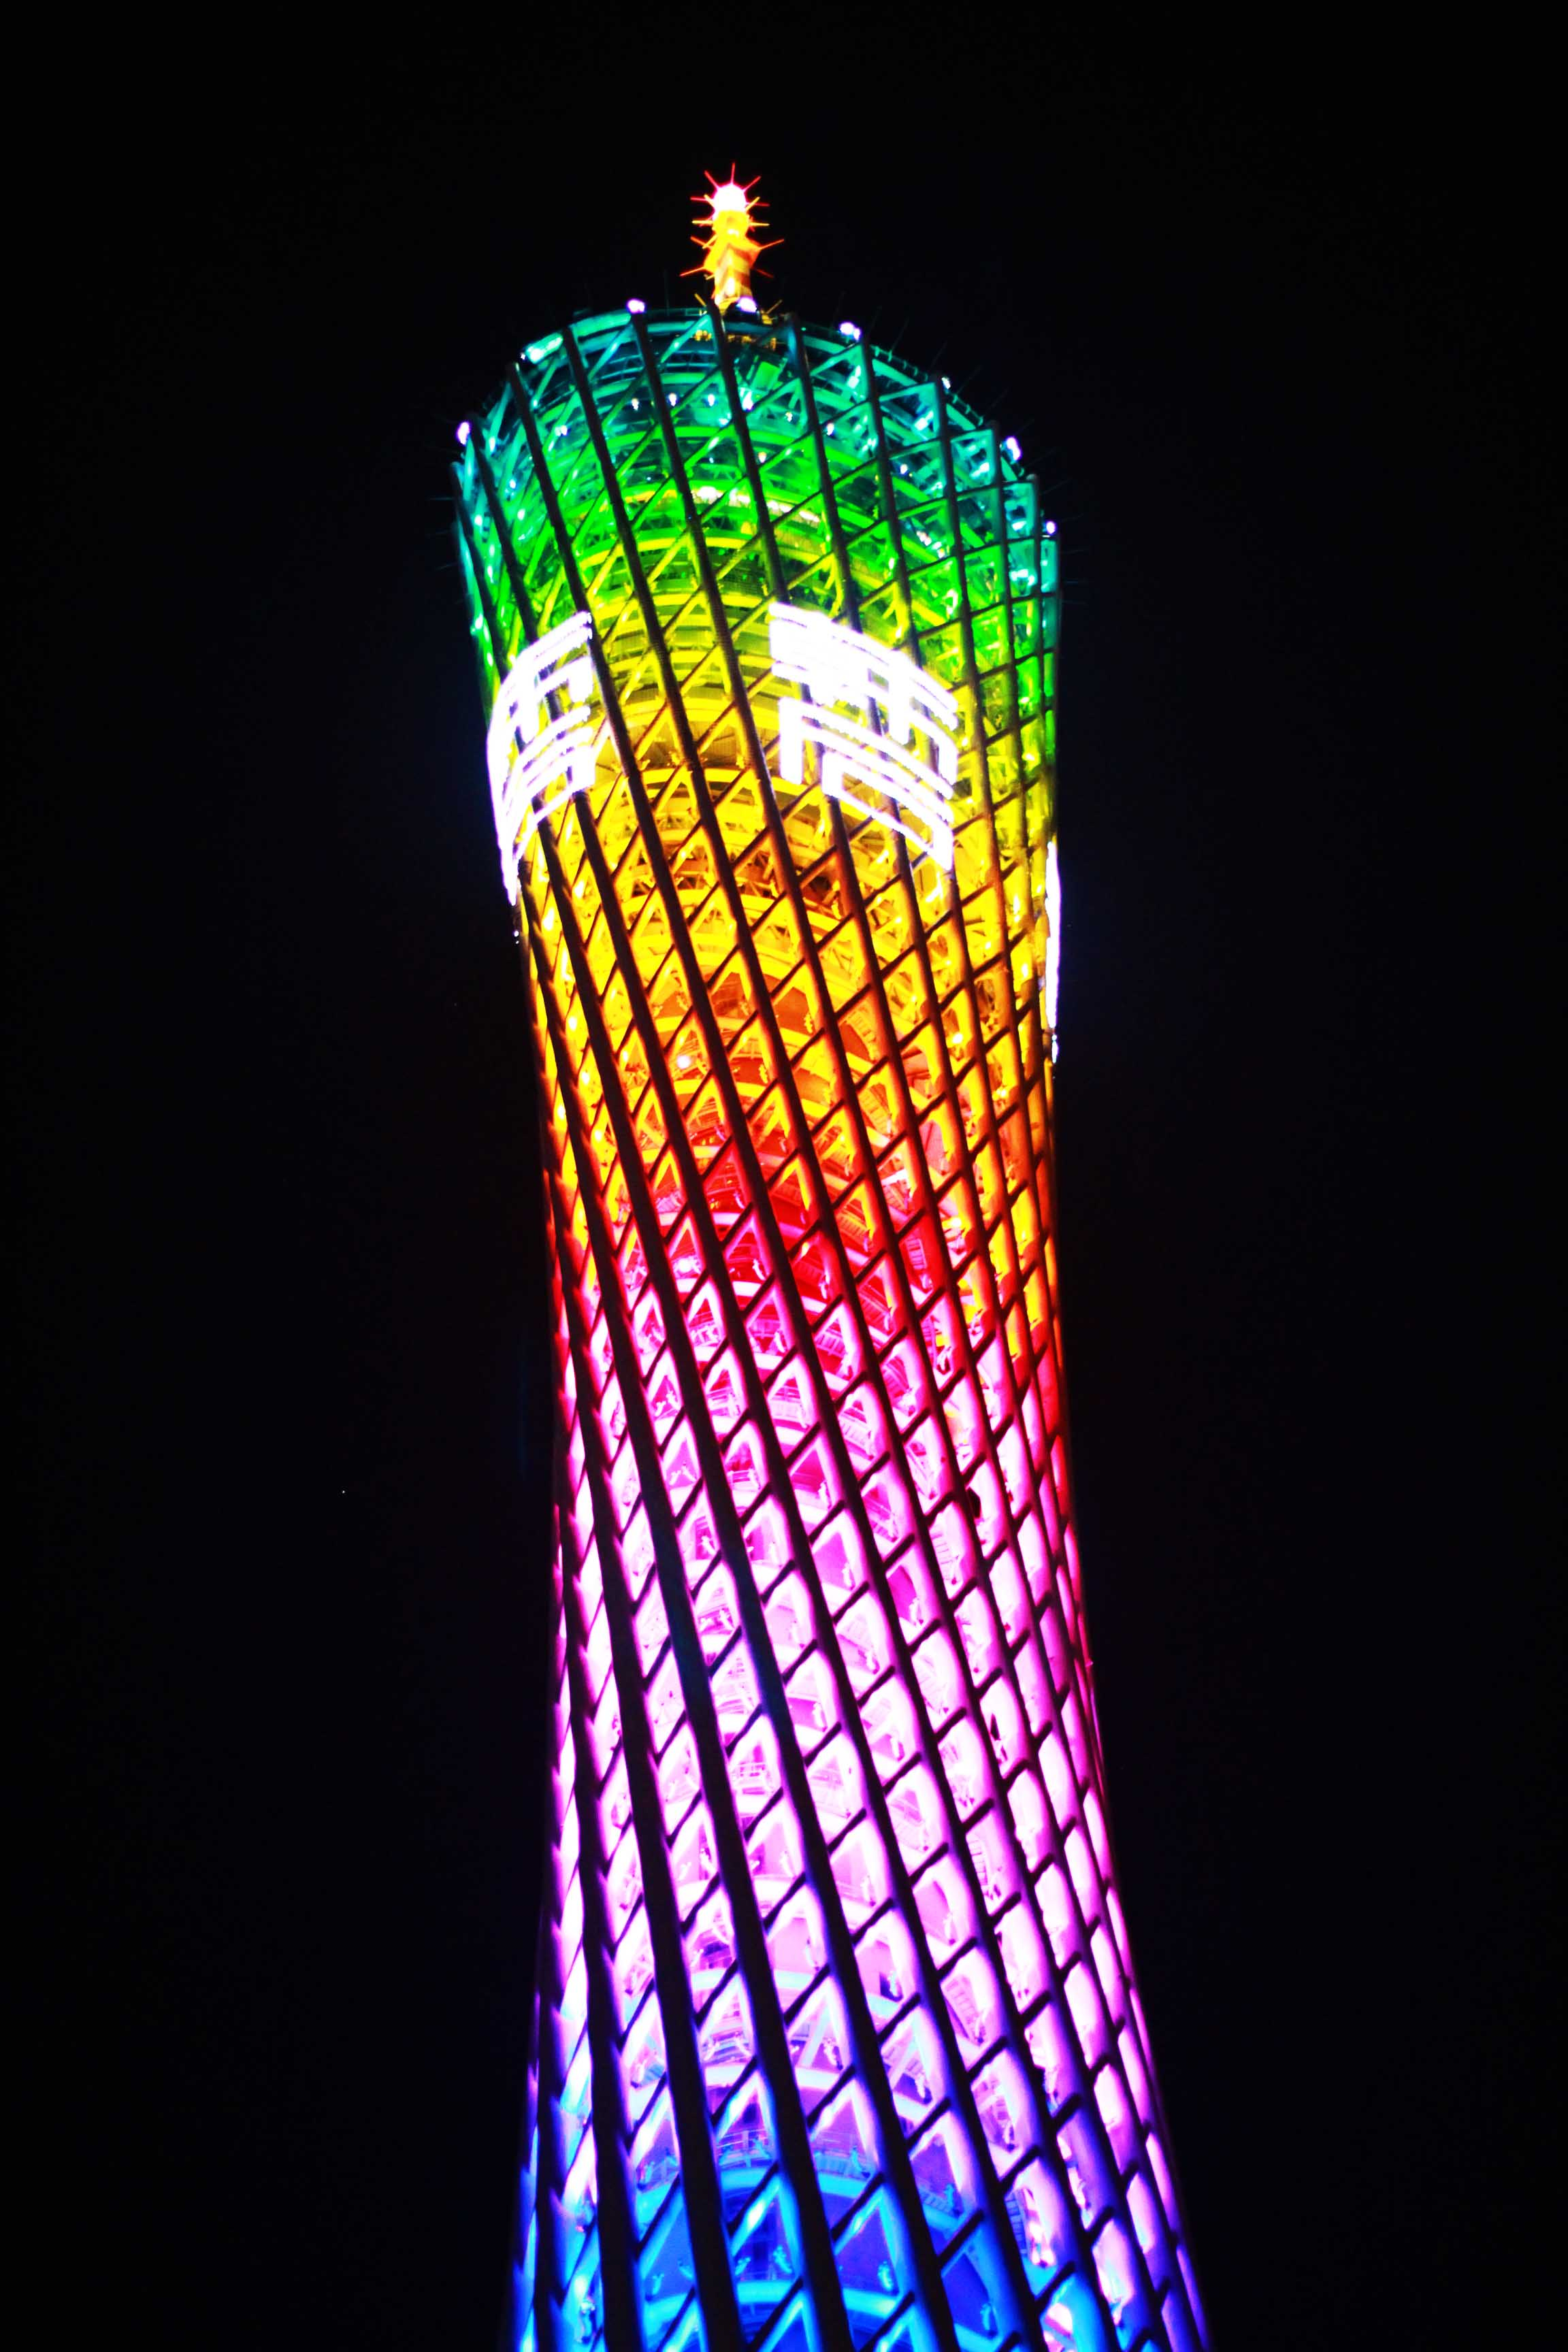 广州塔又称广州新电视塔,昵称小蛮腰,塔身主体450米(塔顶观光平台最高处454米),天线桅杆150米,总高度600米 。具有结构超高、造型奇特、形体复杂,用钢量最多的特点。它的外框筒由24根钢柱和46个钢椭圆环交叉构成,形成镂空、开放的独特美体,它仿佛在三维空间中扭转变换。作为目前世界上建筑物腰身最细(最小处直径只有30多米),施工难度最大的建筑,建设者们克服了前所未有的工程建筑难度,把一万多个倾斜并且大小规格全部不相同的钢构件,精确安装成挺拔高耸的建筑经典作品,并创造了一系列建筑上的世界之最